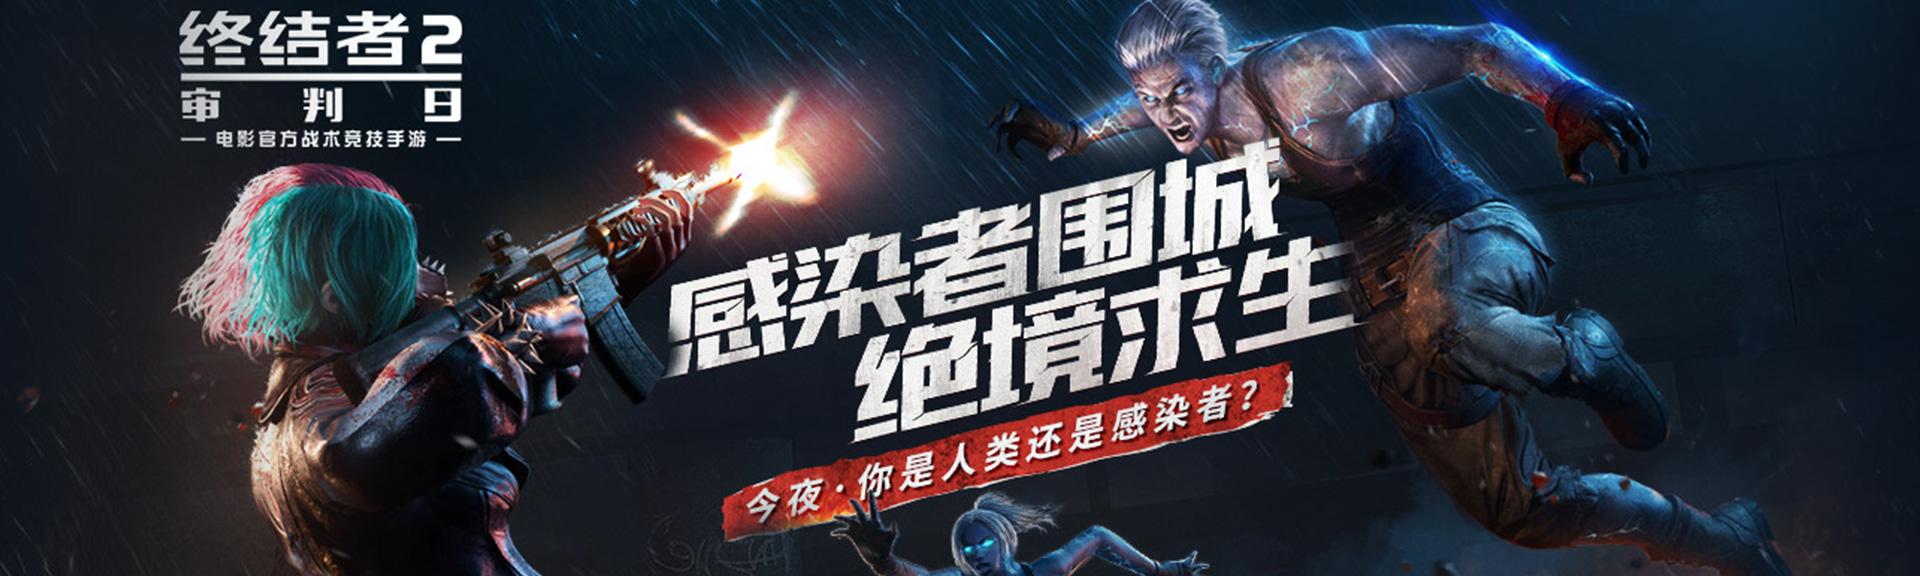 《终结者2》生化演习4月24日上线 感染者核心玩法揭秘!